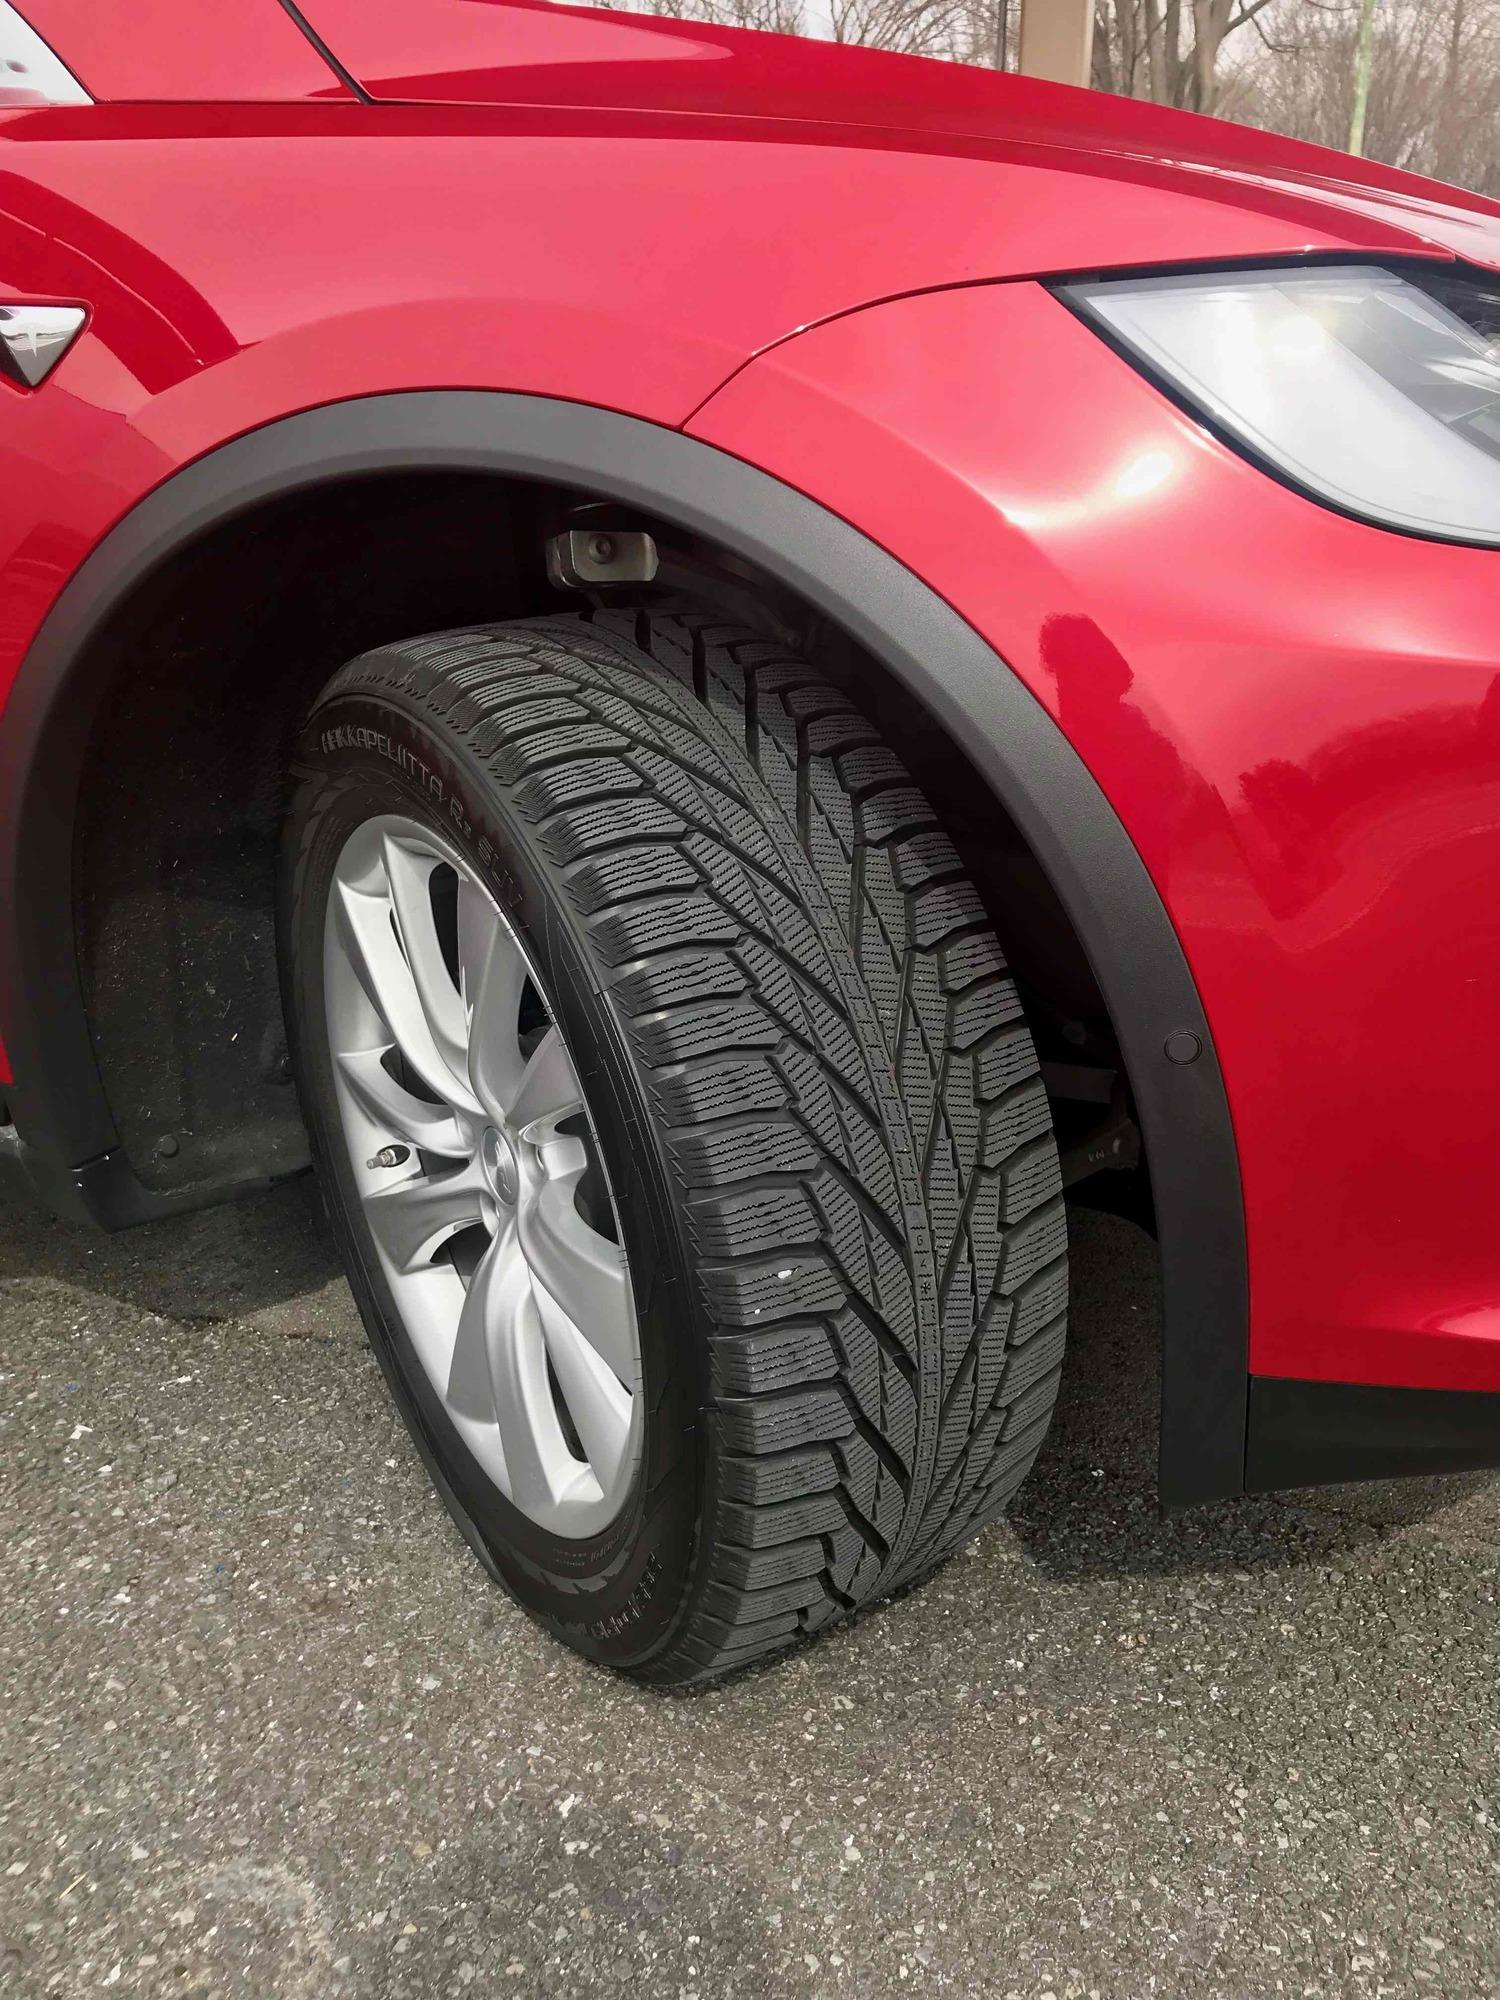 フィンランドのタイヤメーカー「ノキアン」製のスタッドレスタイヤ「ハッカペリッカR2」